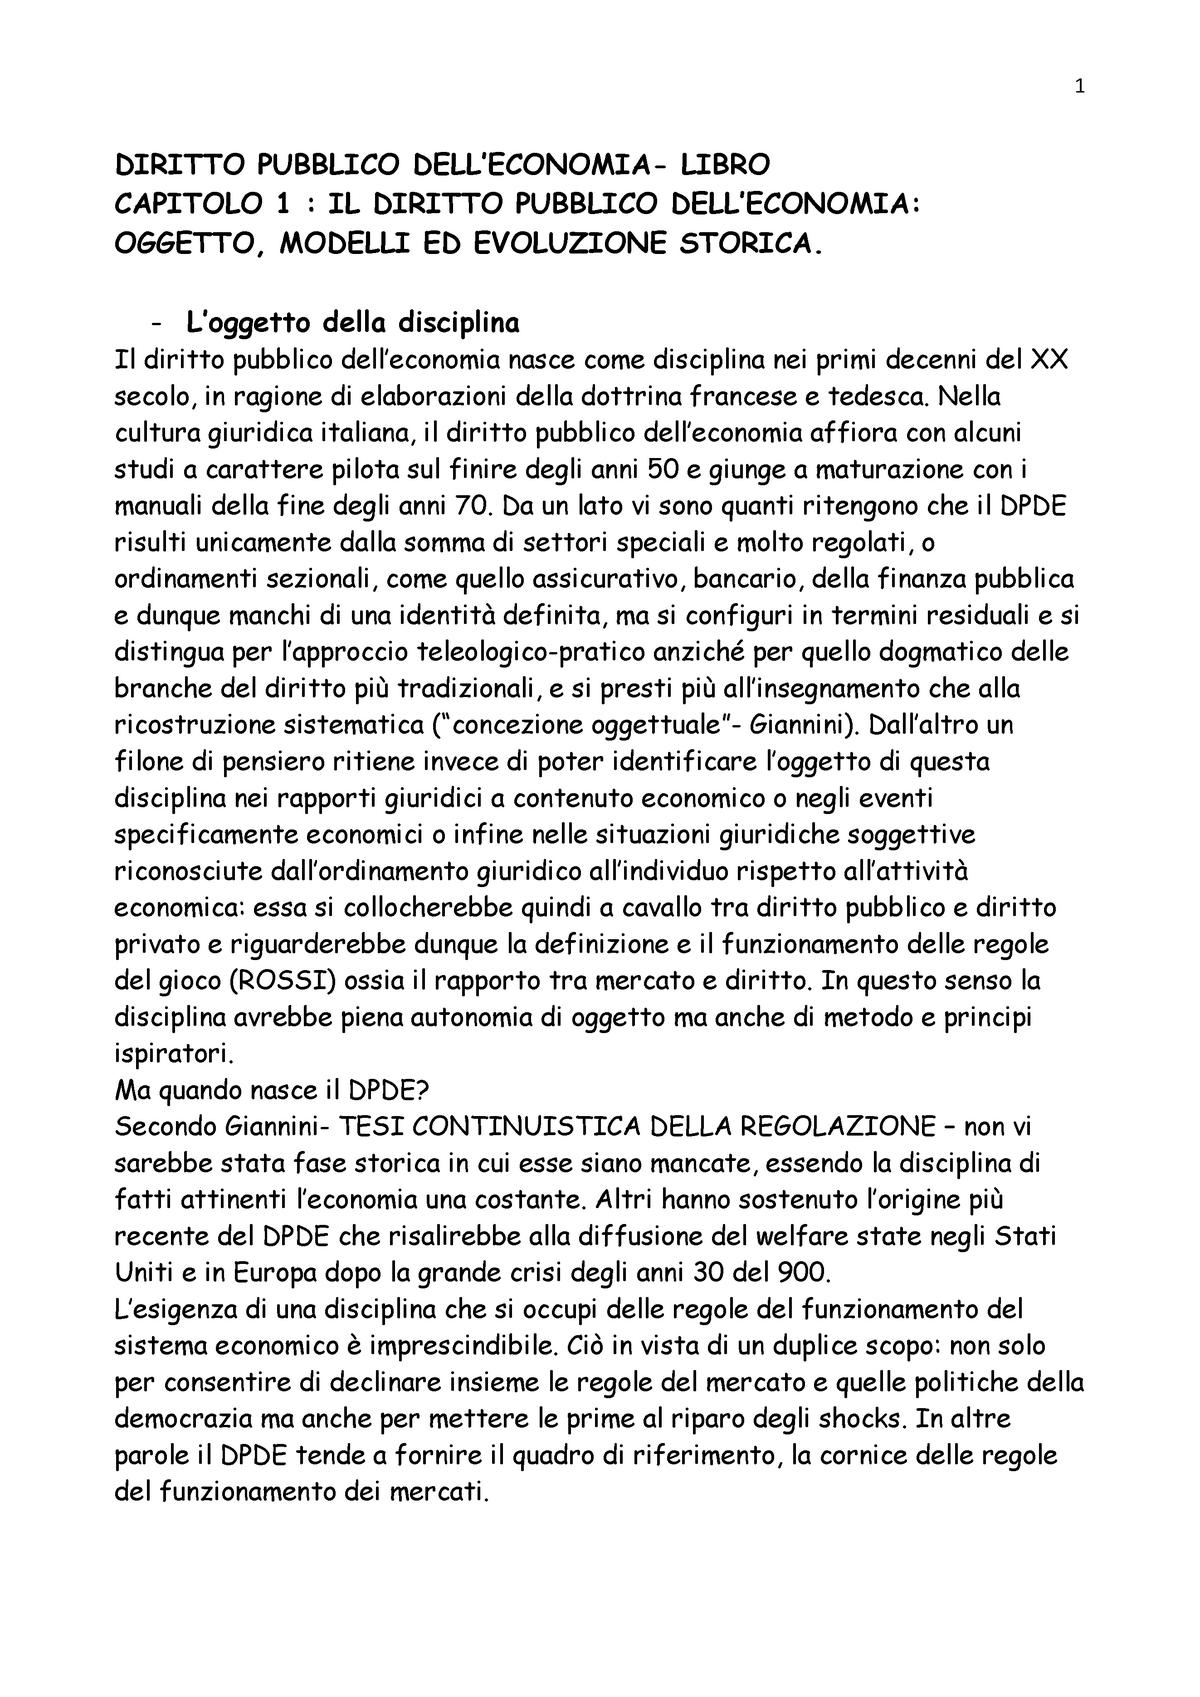 e65c603fb4 Riassunto Diritto pubblico dell'economia 16 Nov 2017 - StuDocu